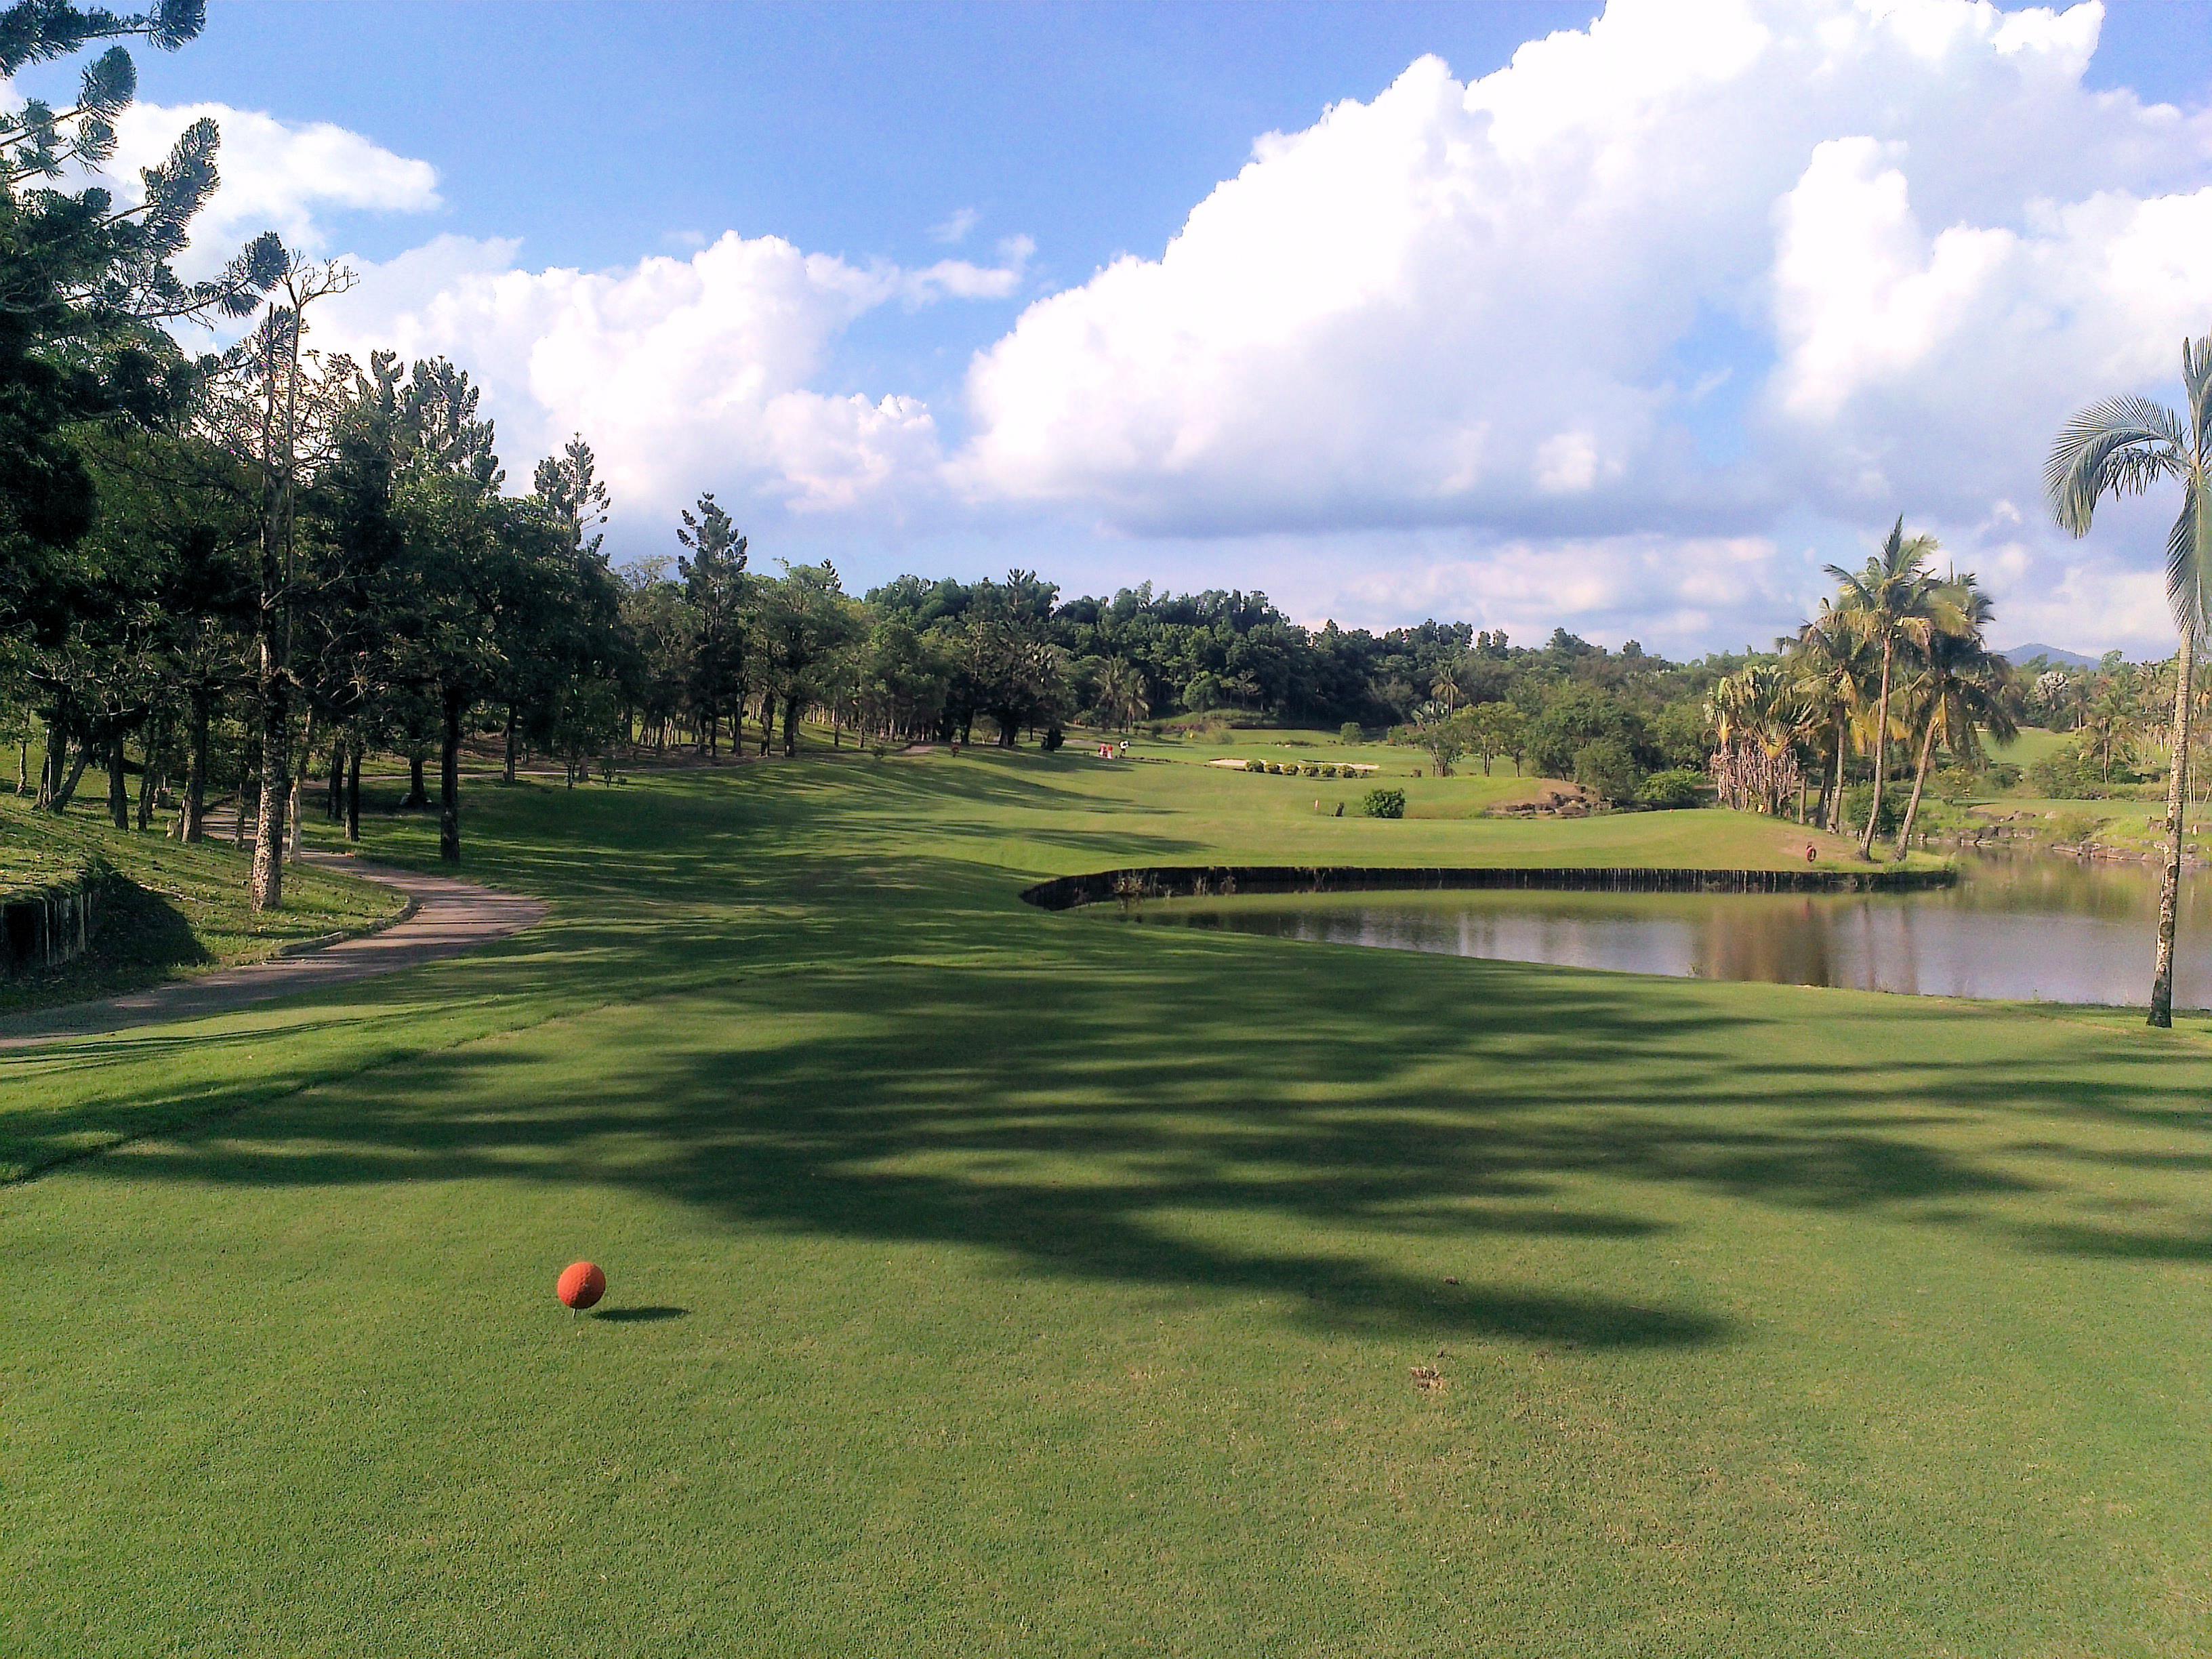 帝禾旅行社 花蓮高爾夫球場